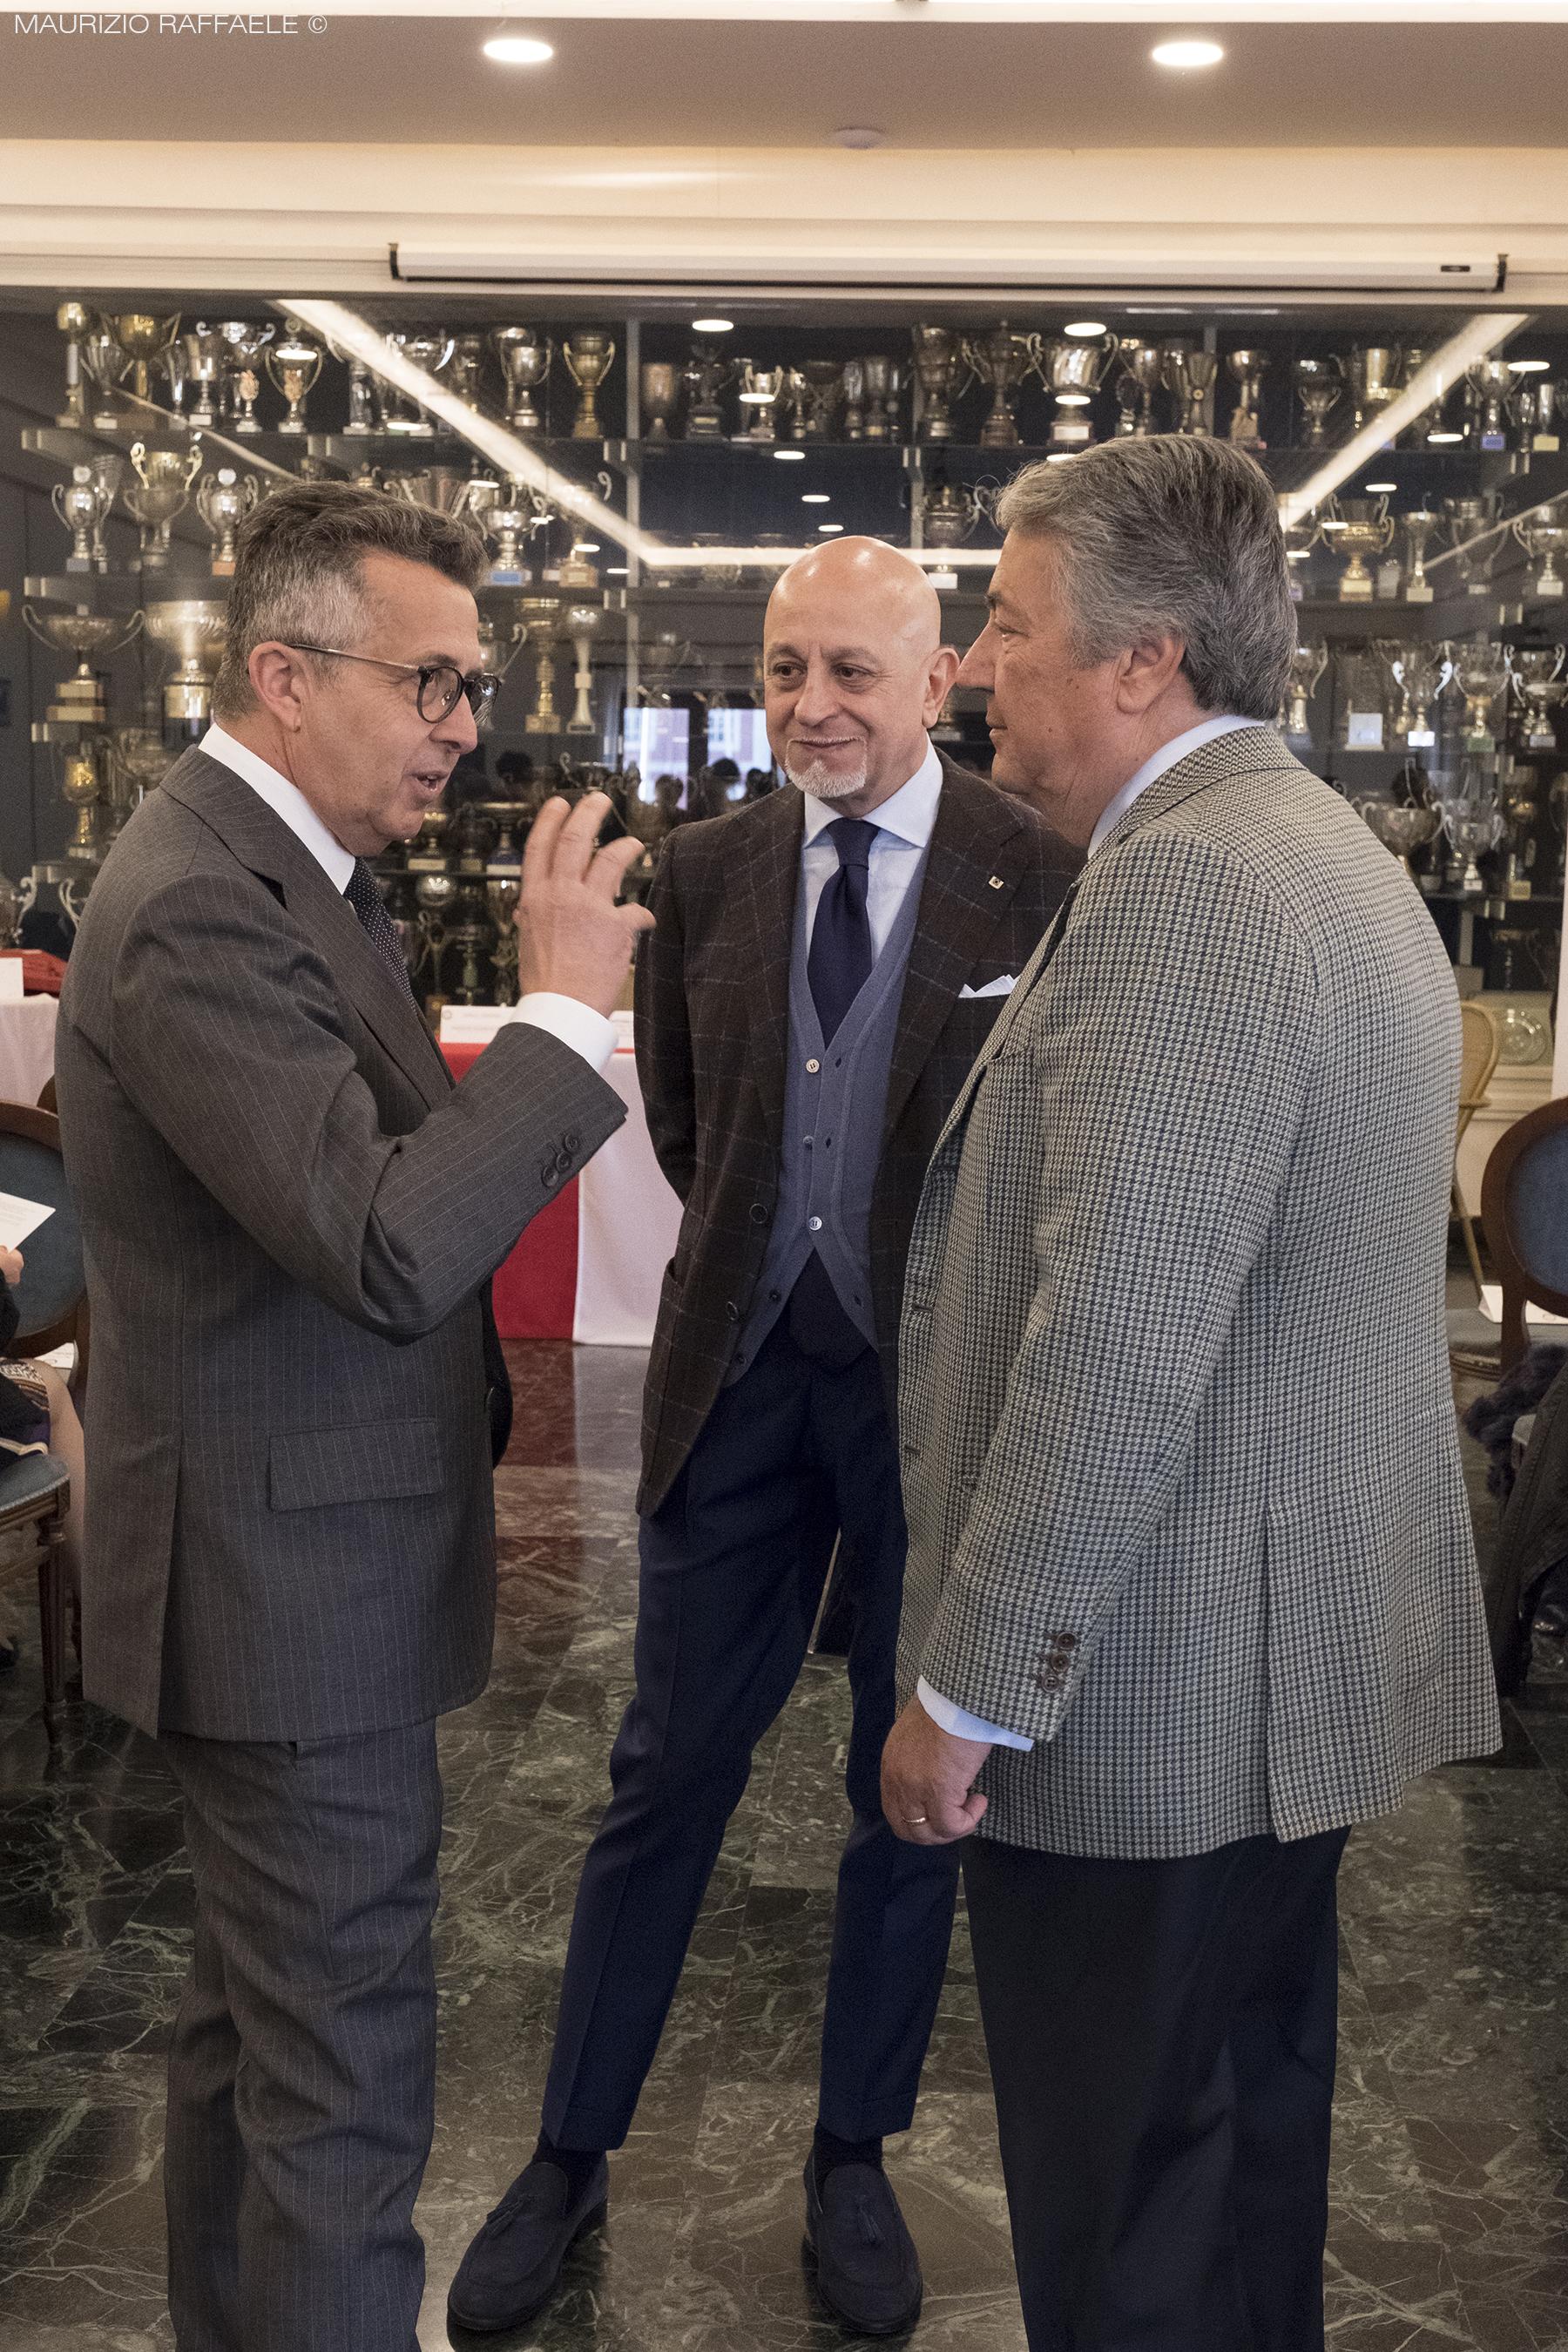 manichino d'oro 2019 circolo canottieri Napoli lello antonelli presidente sartoria